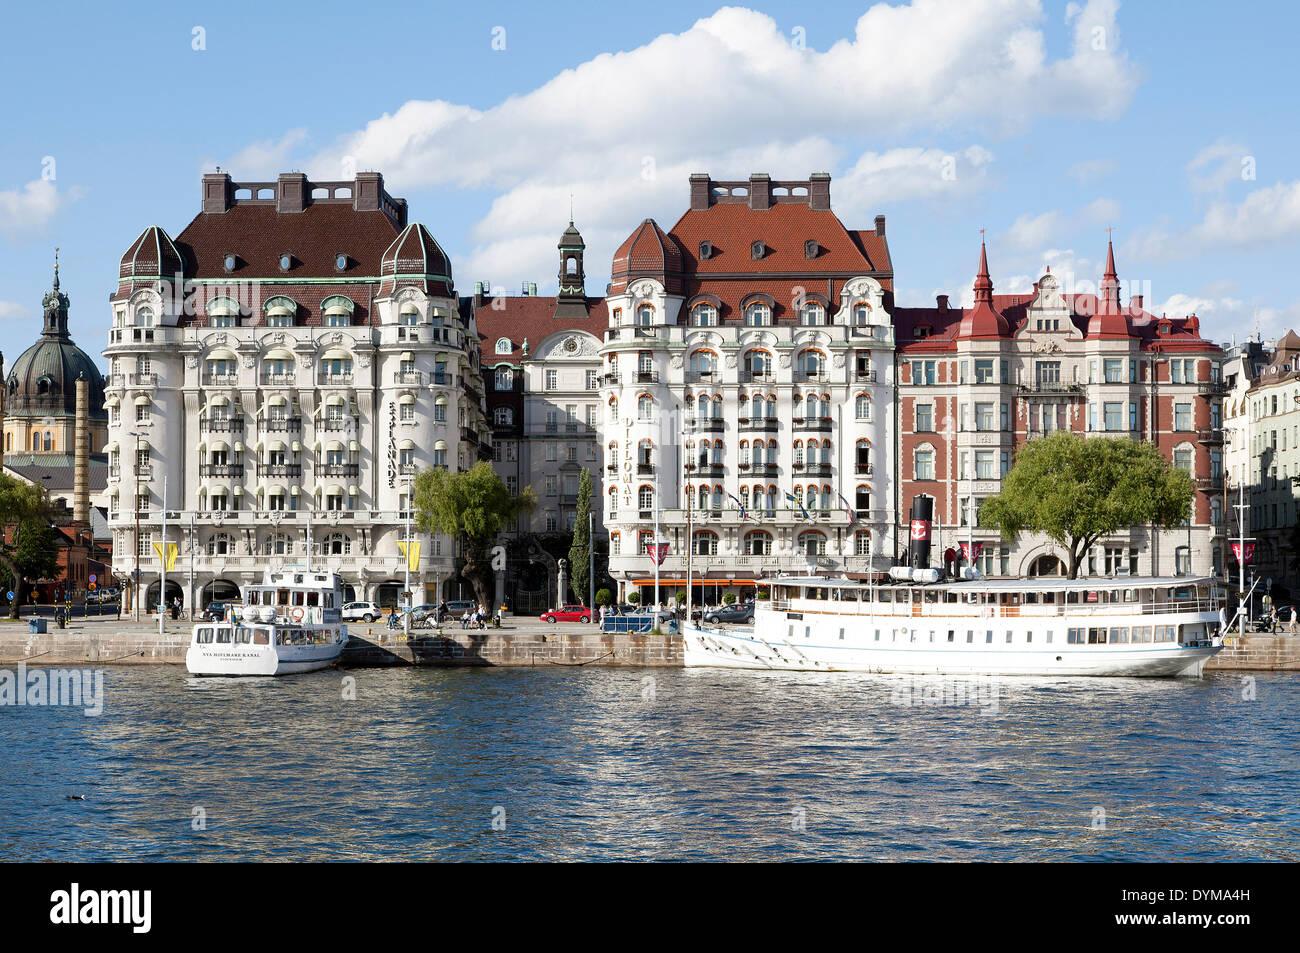 sweden stockholm hotel diplomat stockfotos sweden stockholm hotel diplomat bilder alamy. Black Bedroom Furniture Sets. Home Design Ideas